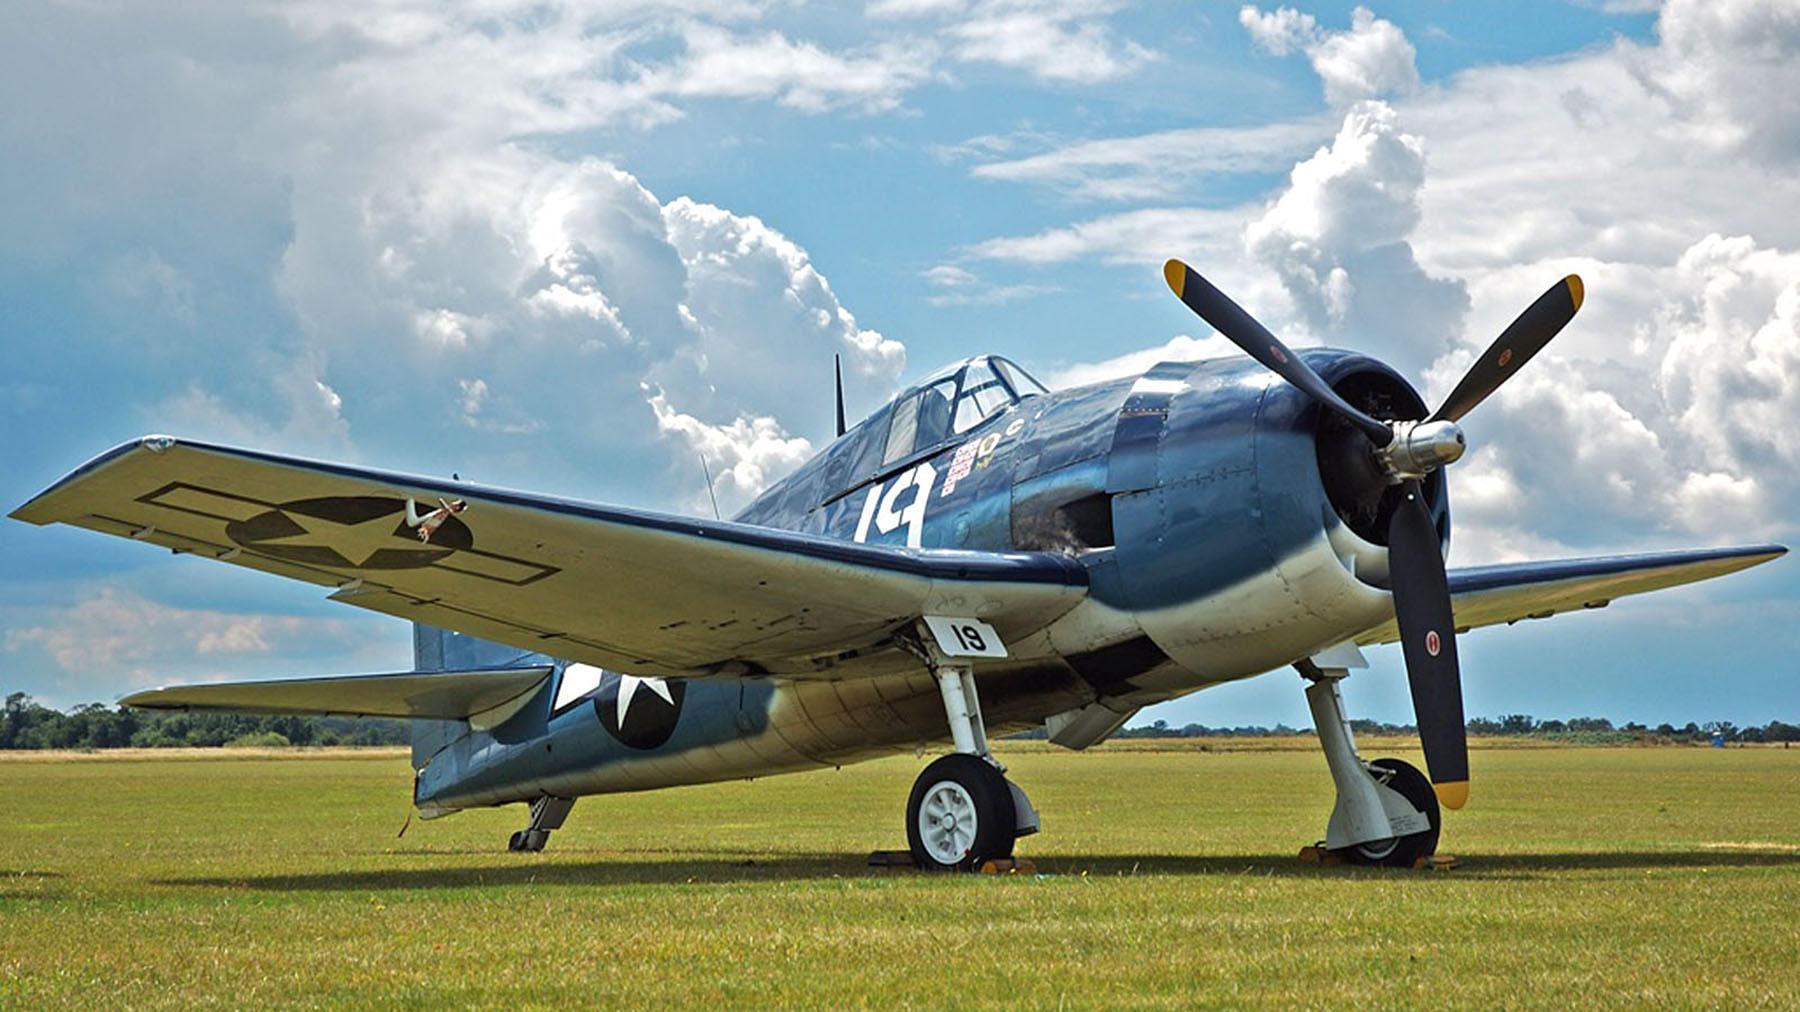 零式战斗机的飞行员回忆起这款地狱猫战斗机,都纷纷觉得后怕